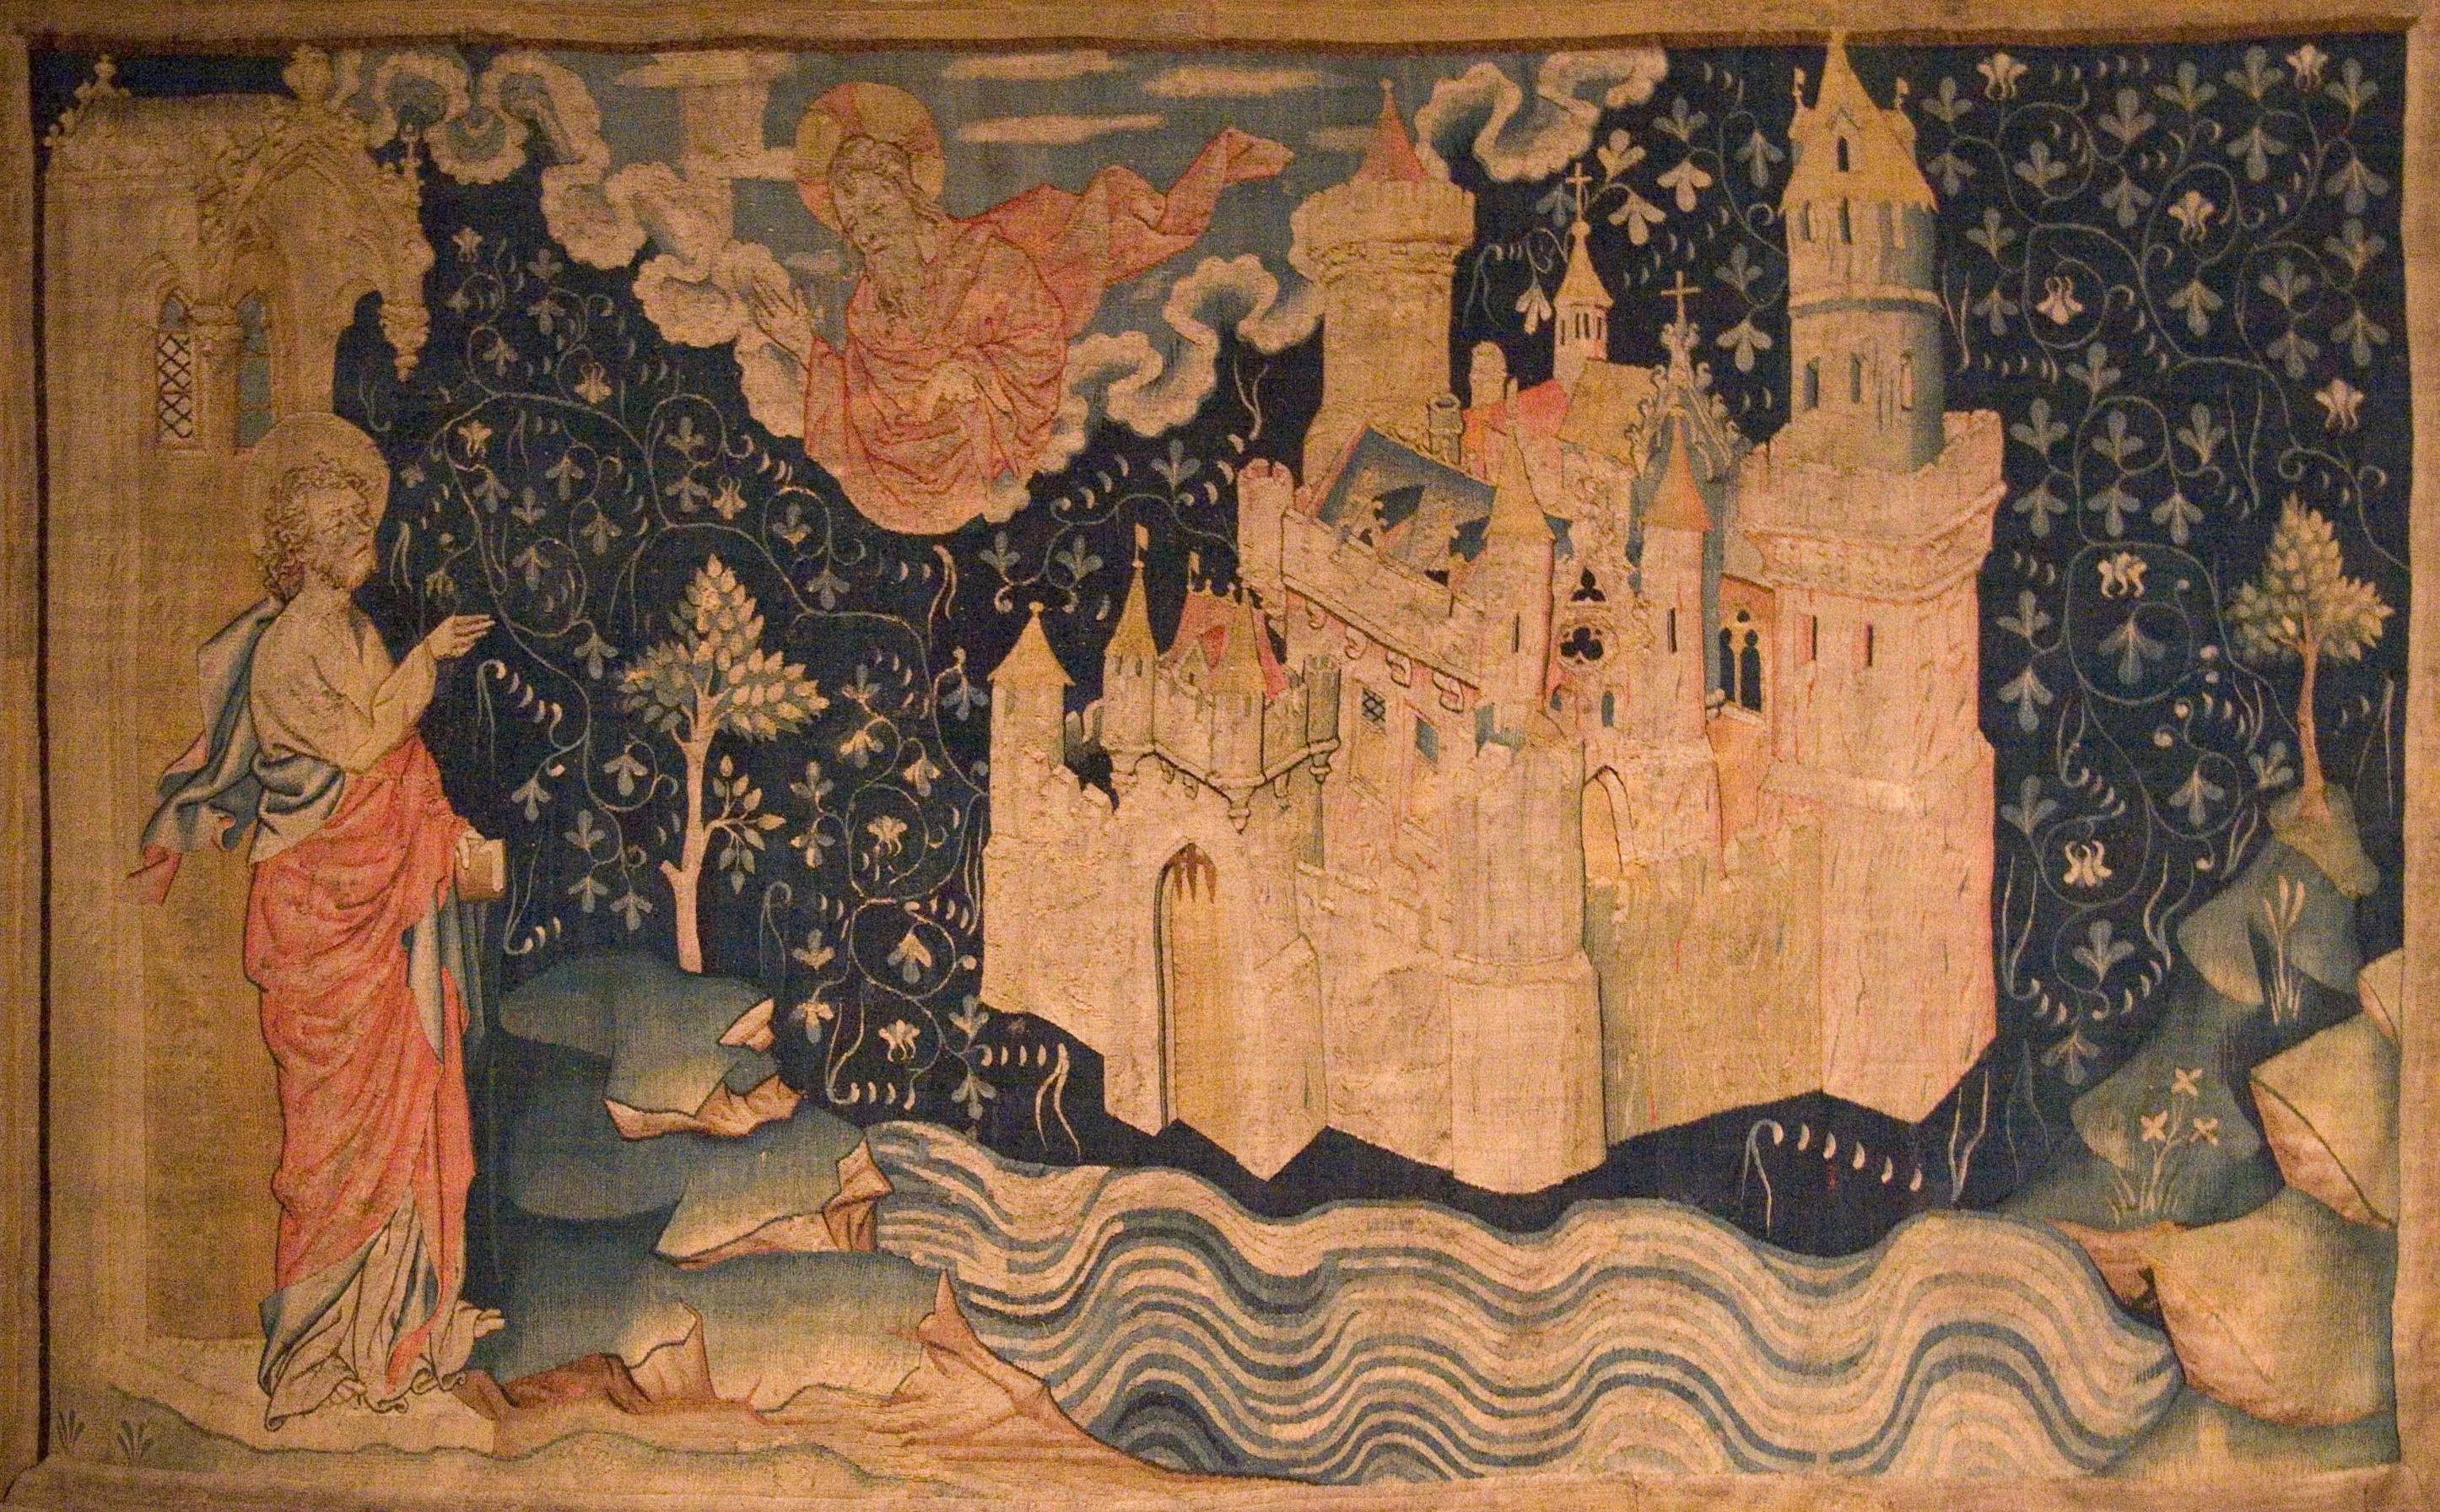 죽기 전에 꼭 알아야 할 이야기 : 예루살렘 역사